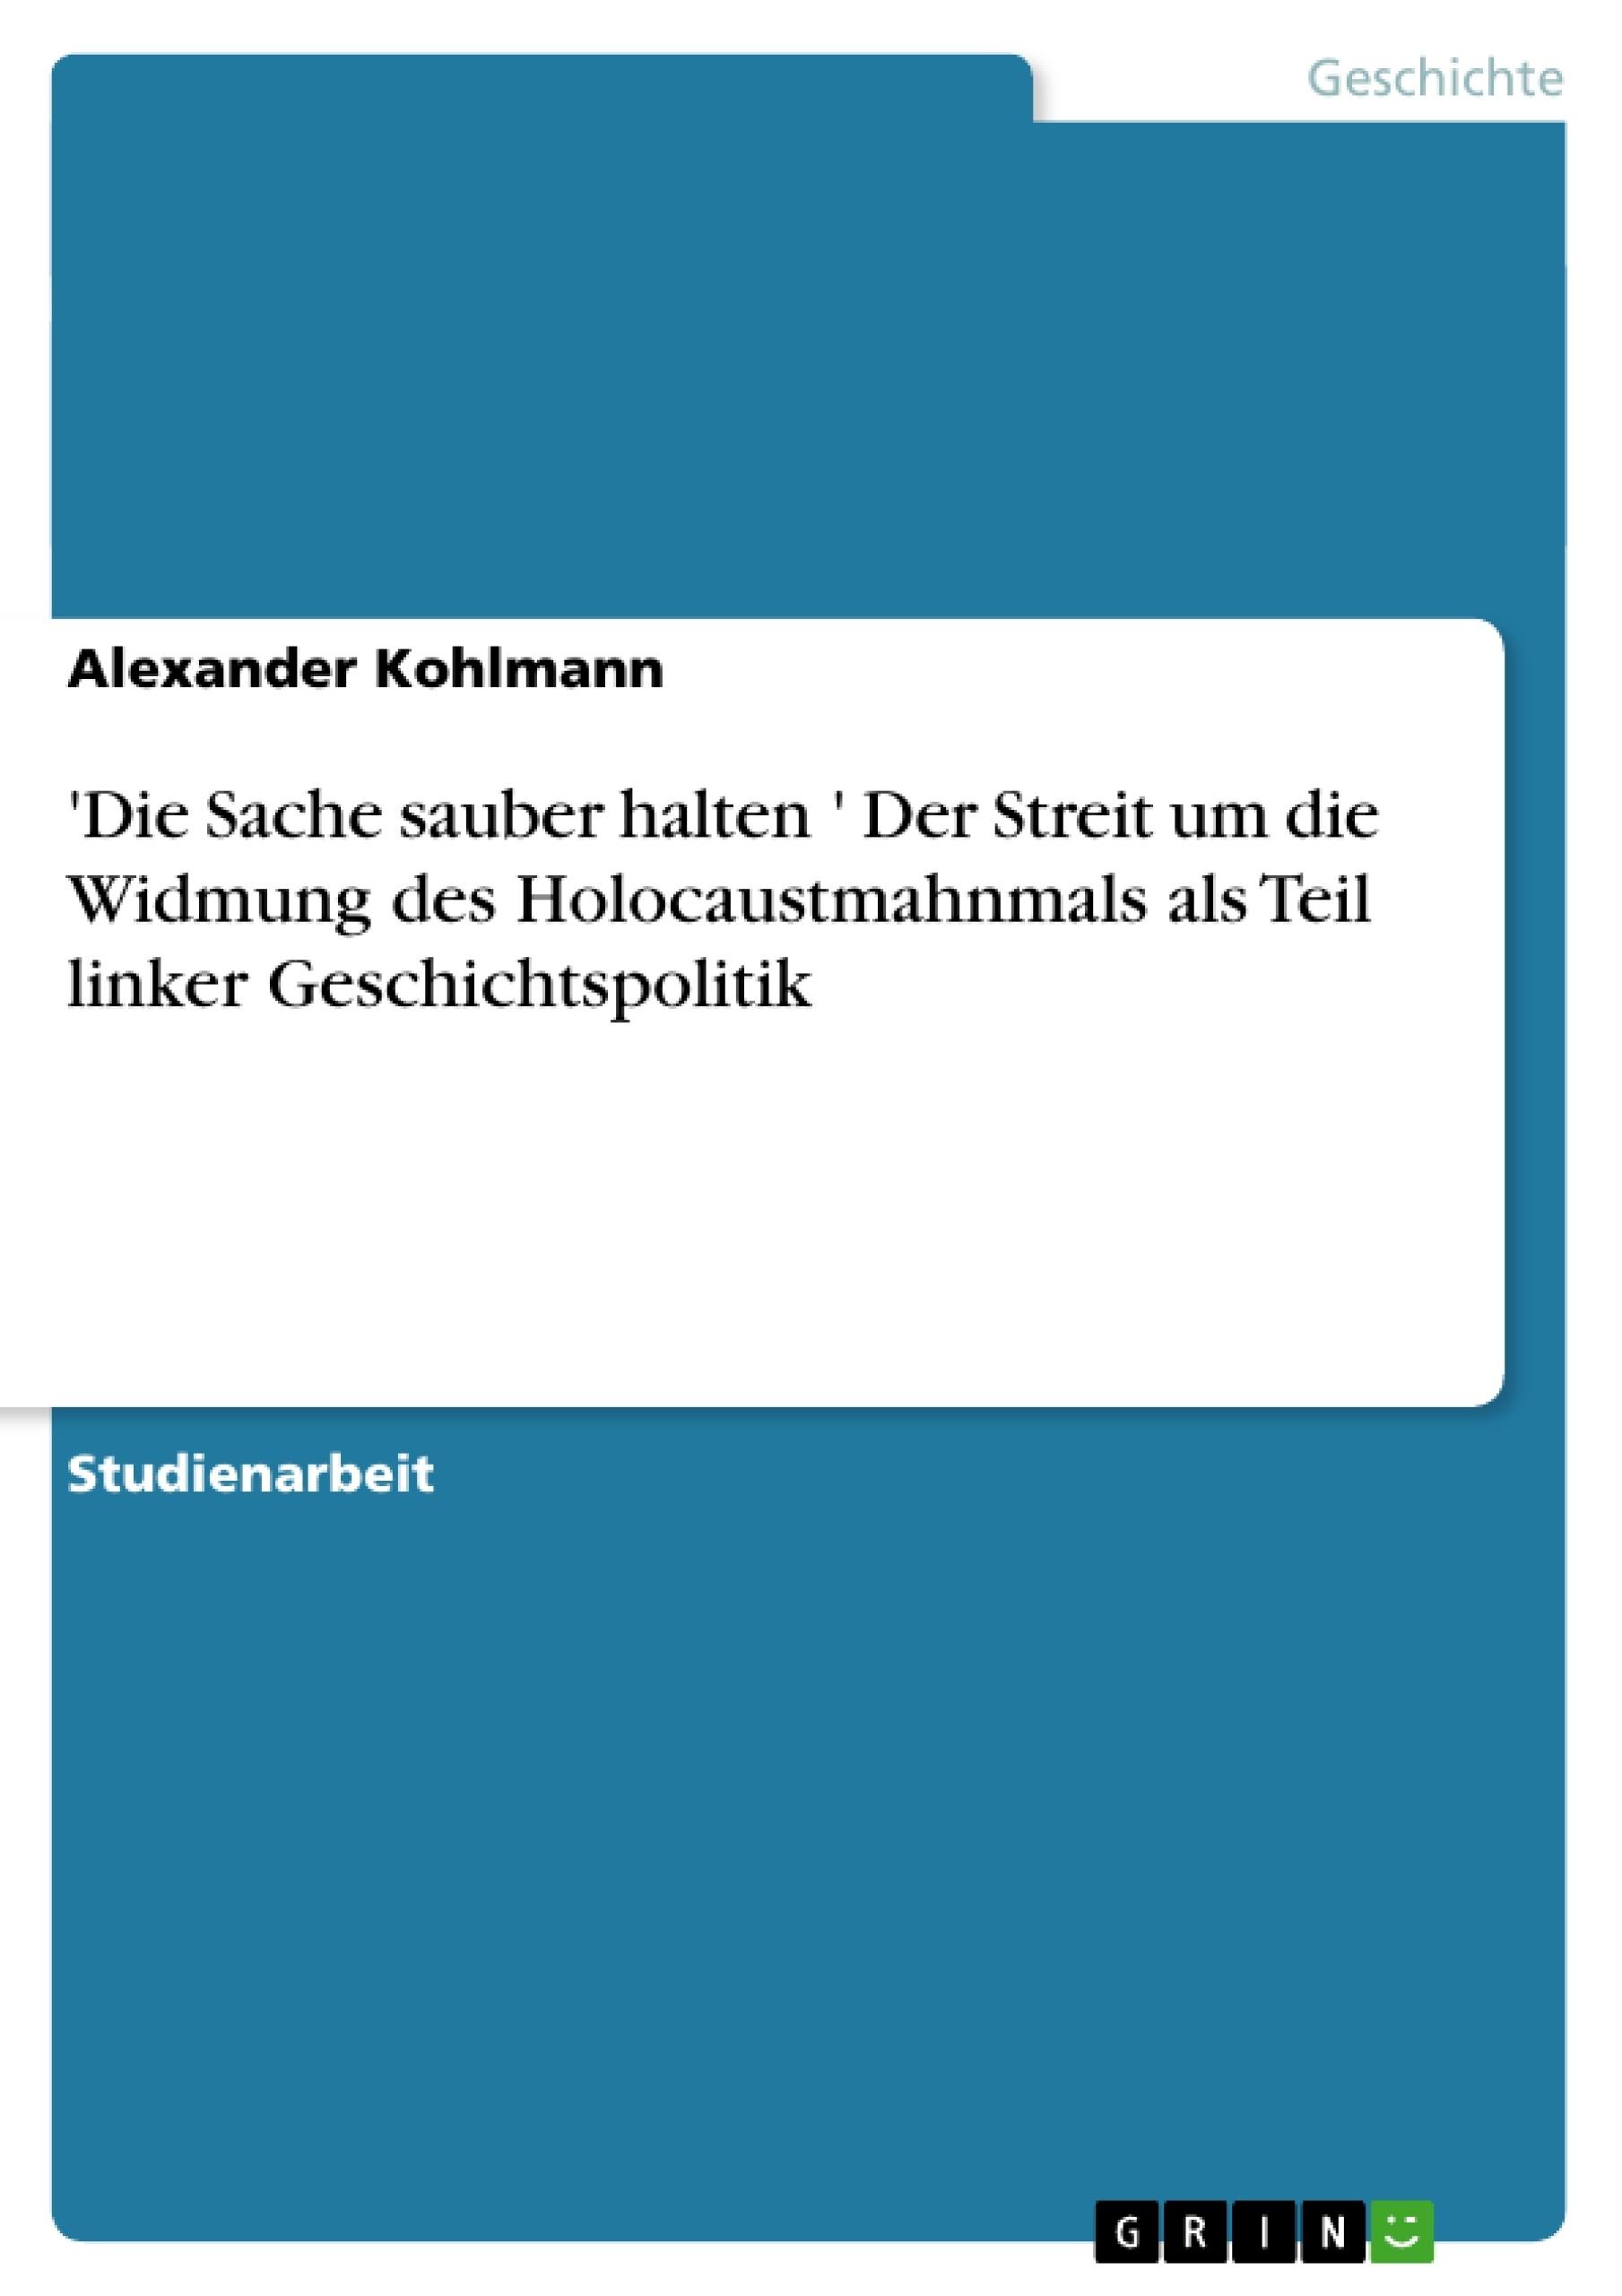 Titel: 'Die Sache sauber halten…' Der Streit um die Widmung des Holocaustmahnmals als Teil linker Geschichtspolitik